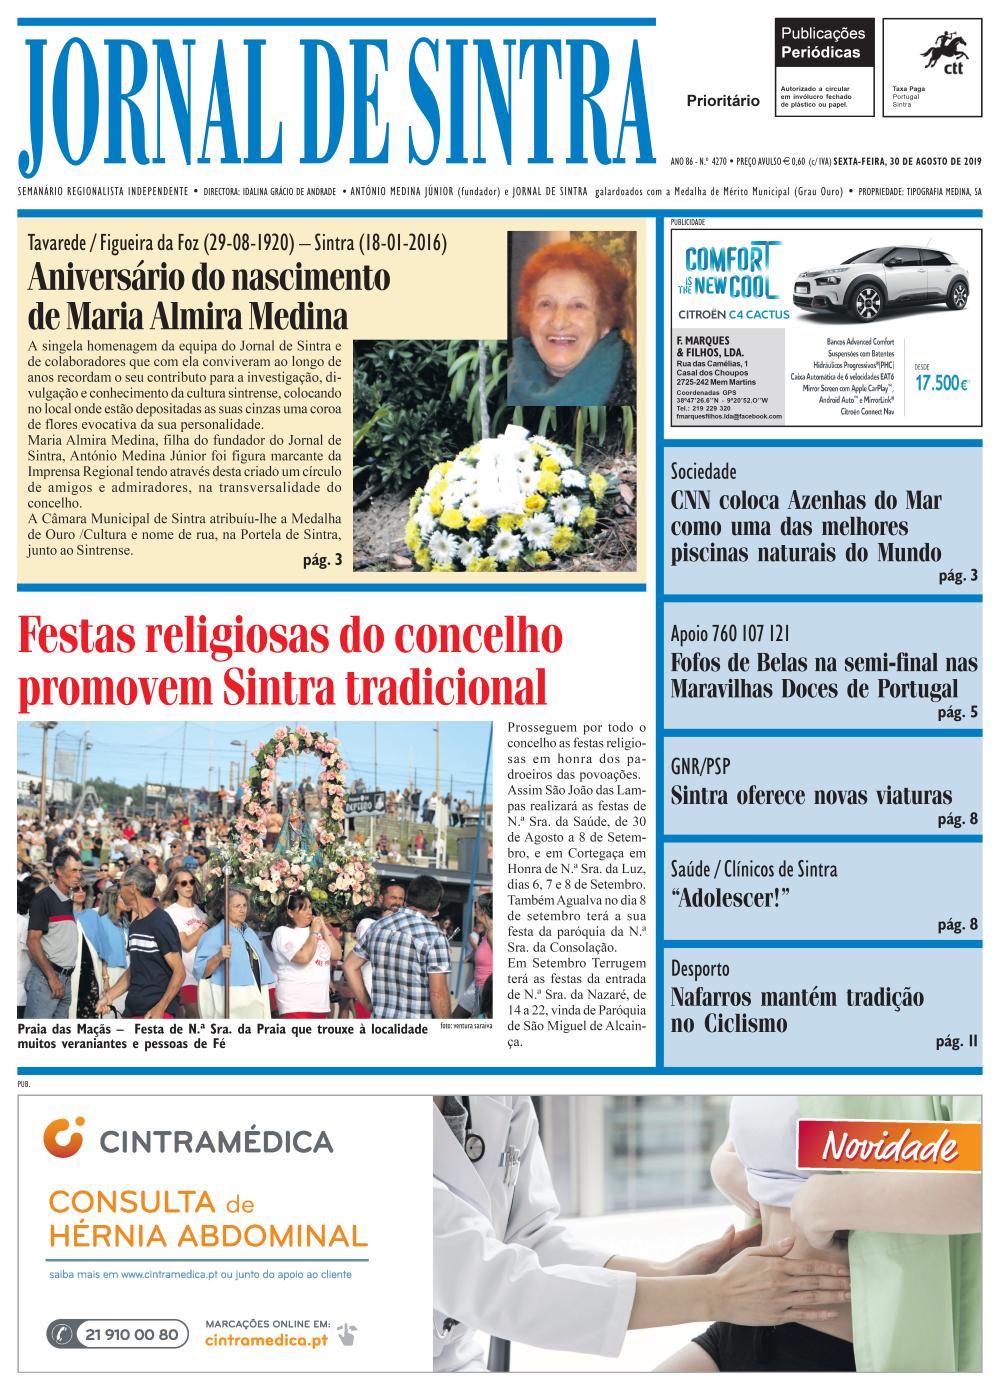 Capa da edição de 30/08/2019